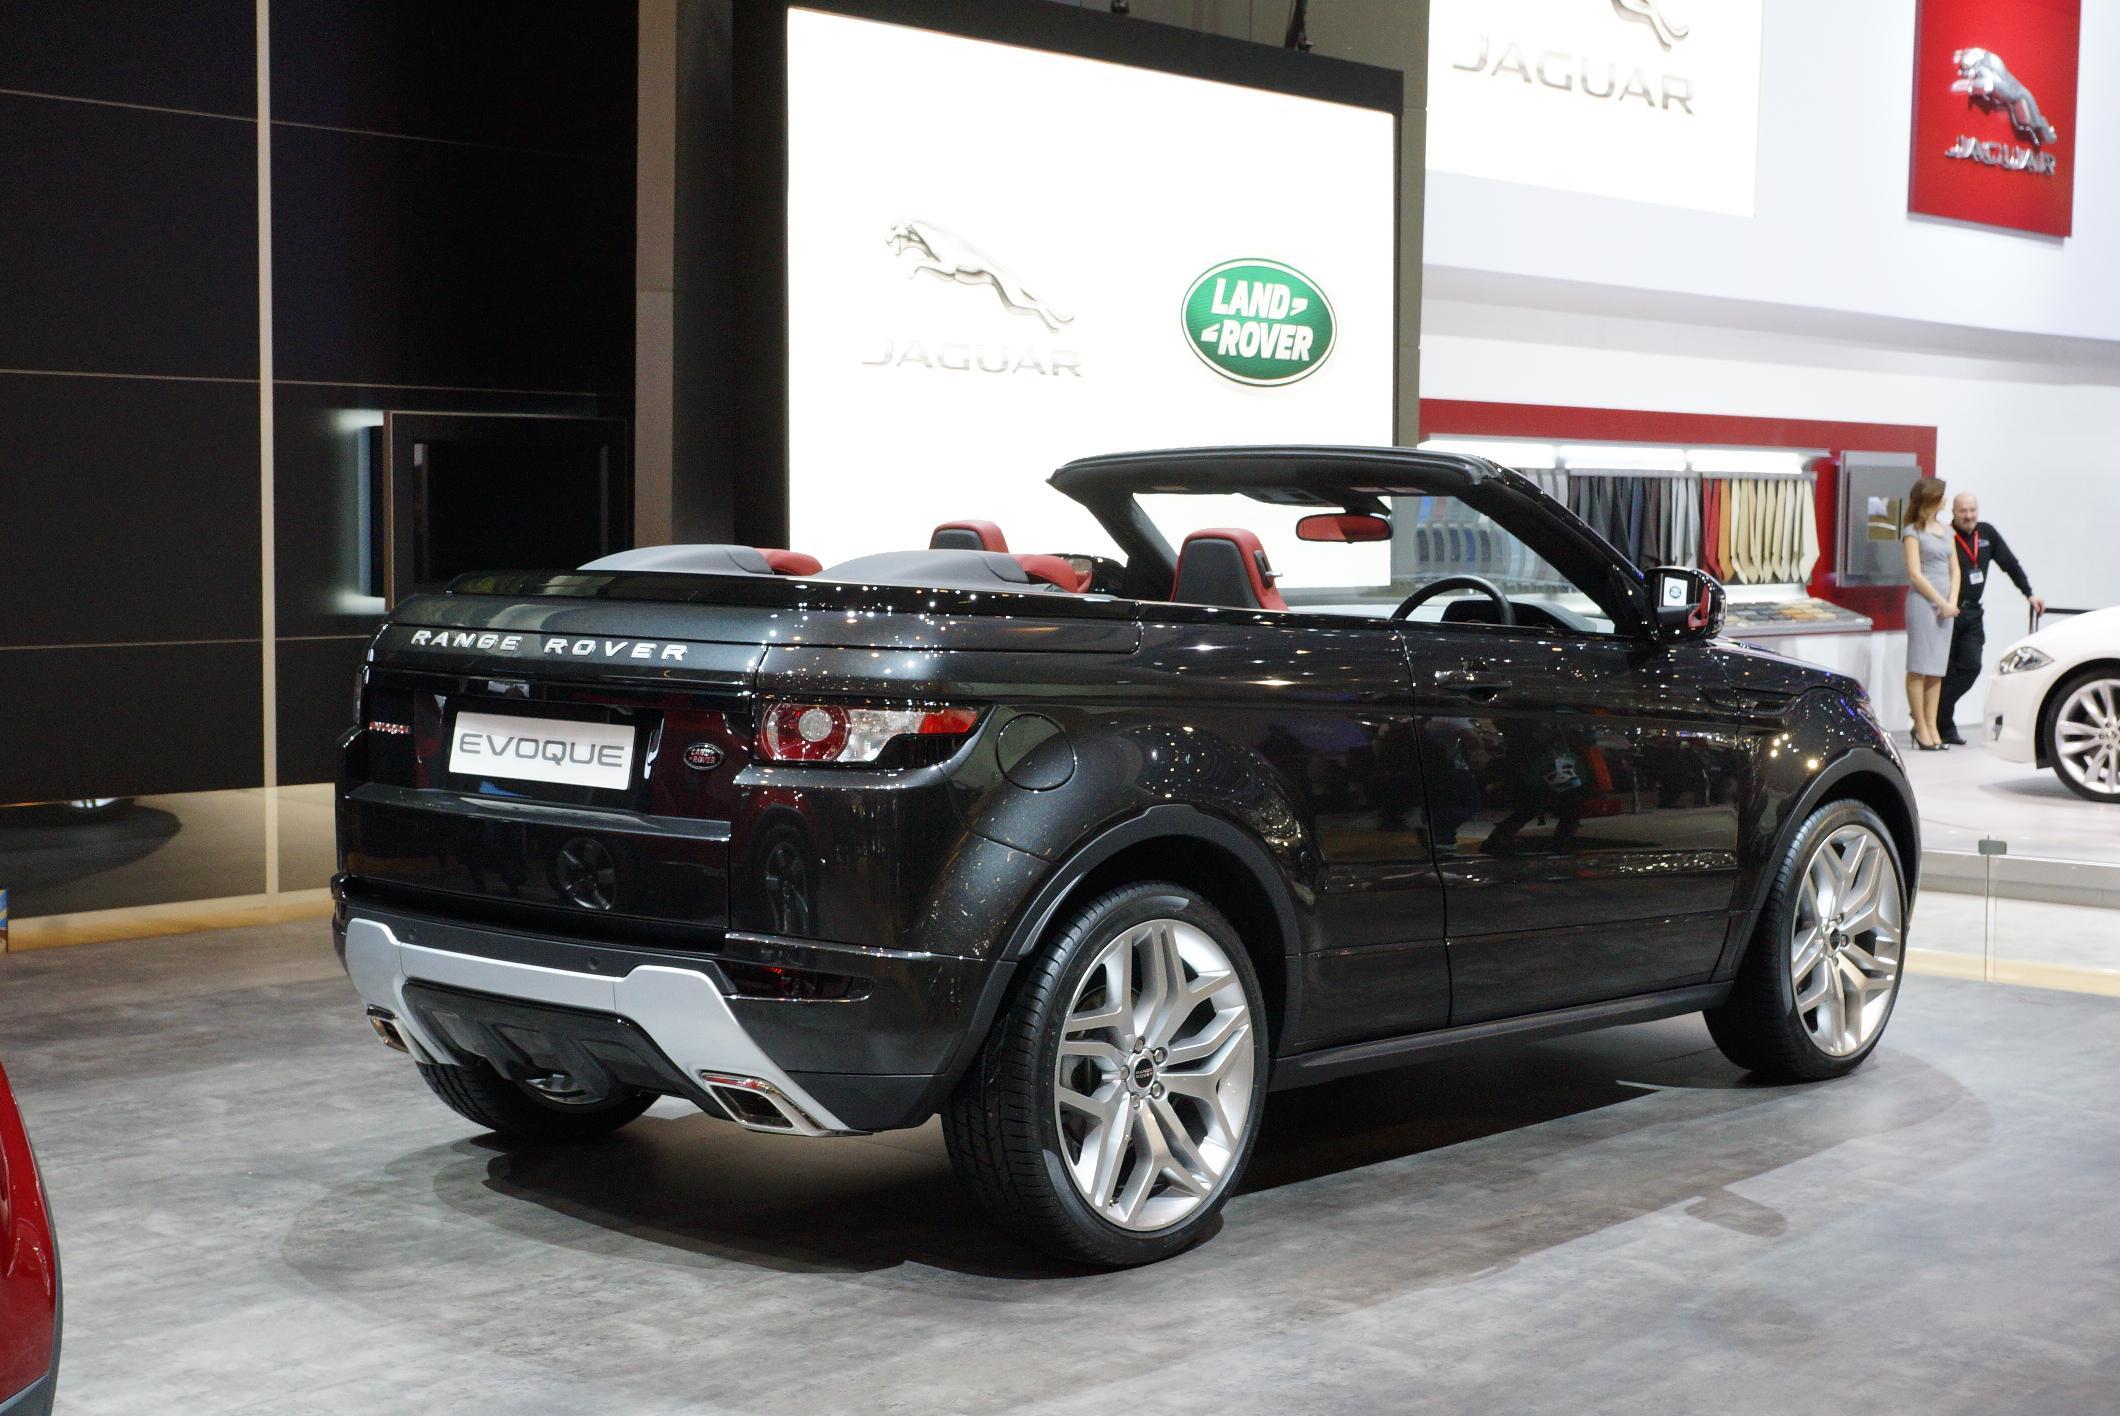 Range Rover Evoque Convertible Rear Geneva 2012